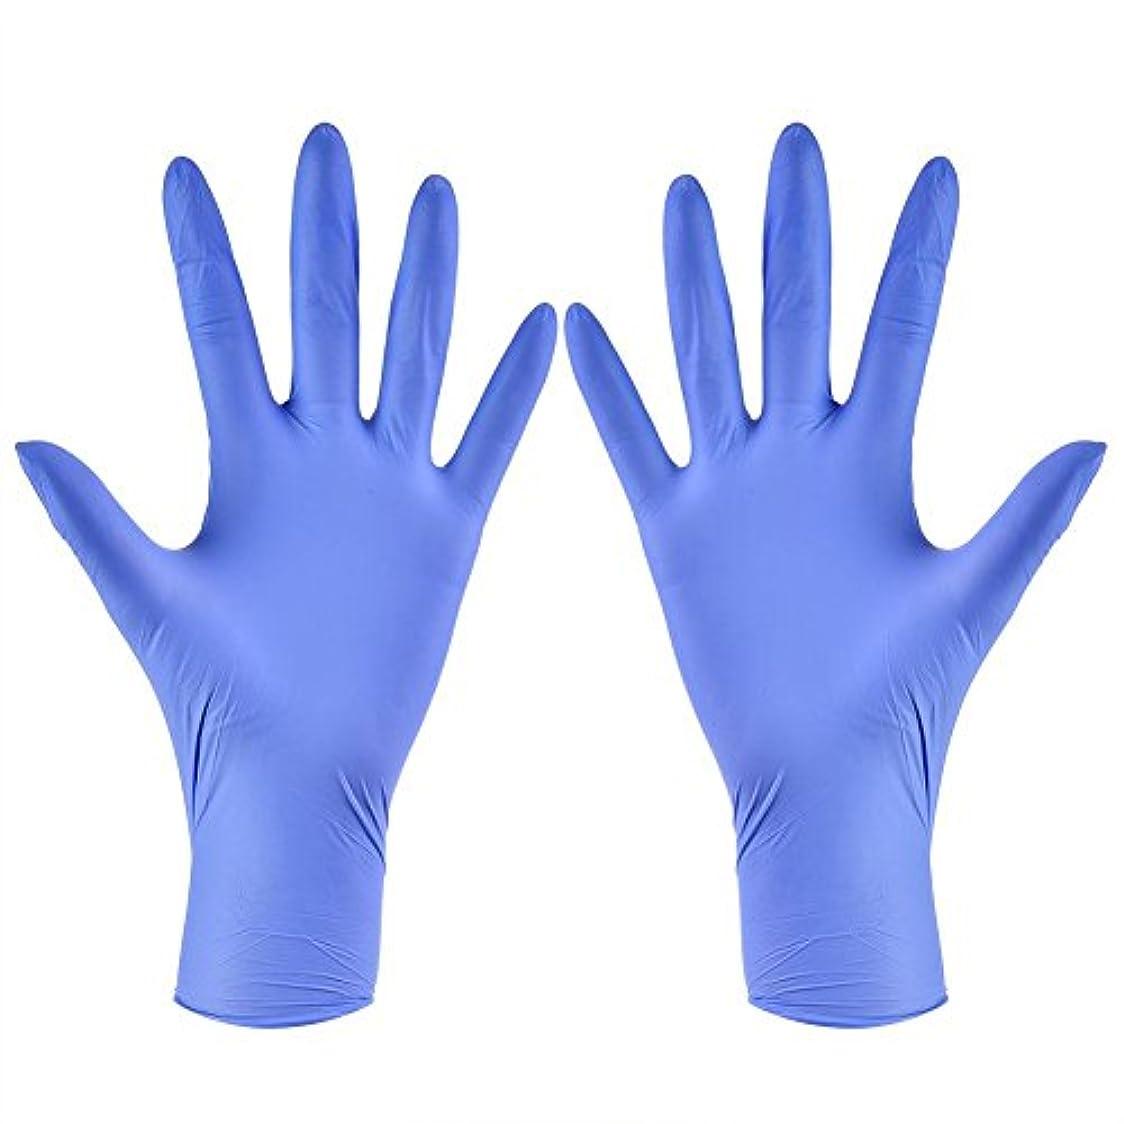 場合感心する回転させる使い捨て手袋 ニトリルグローブ ホワイト 粉なし タトゥー/歯科/病院/研究室に適応 S/M/L/XL選択可 100枚 左右兼用(XL)